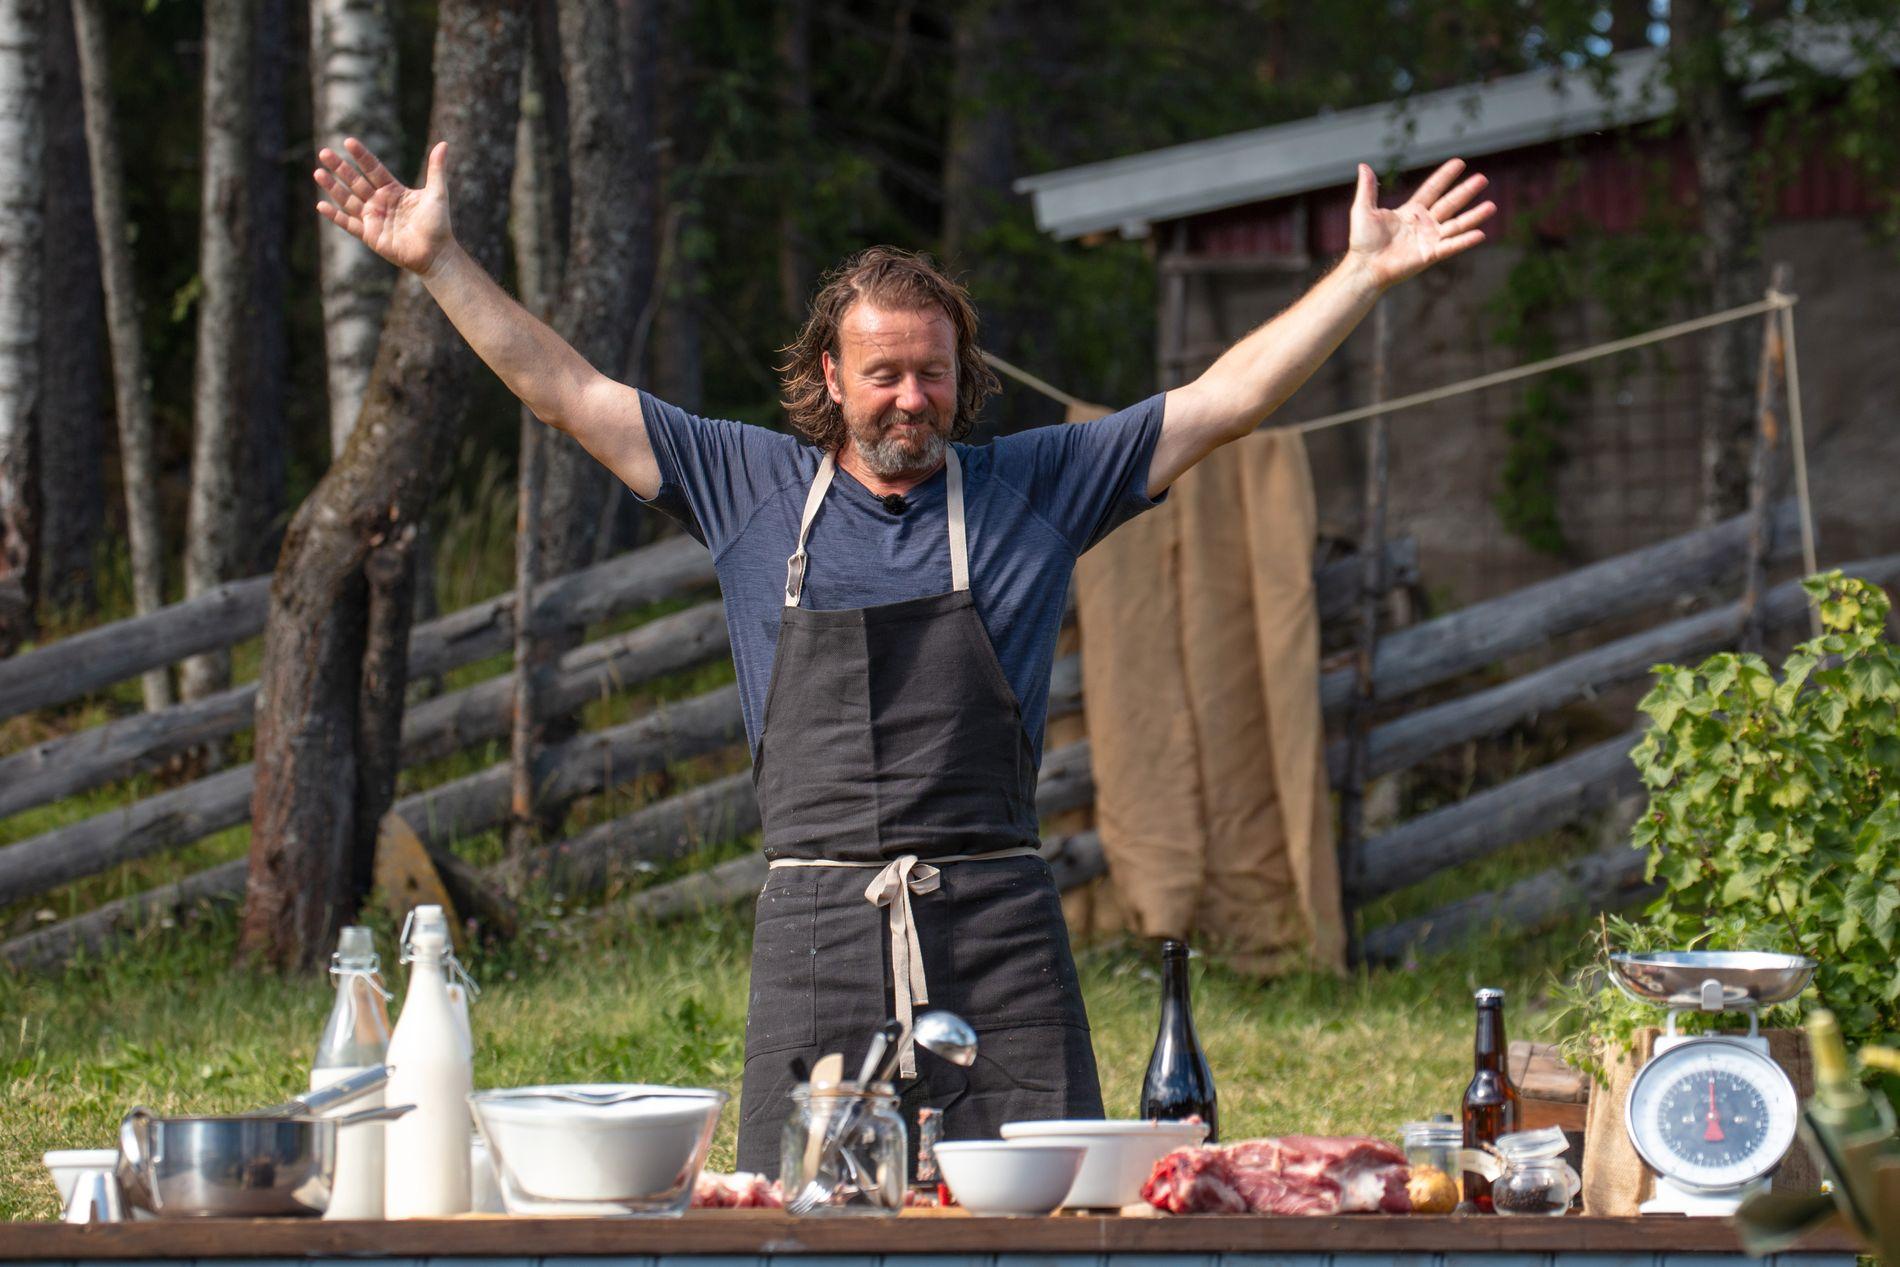 MUNTRASJONSRÅD: Svein Østvik har vært populær også blant de andre deltagerne. Her under matlagingskonkurransen tidligere i uken.